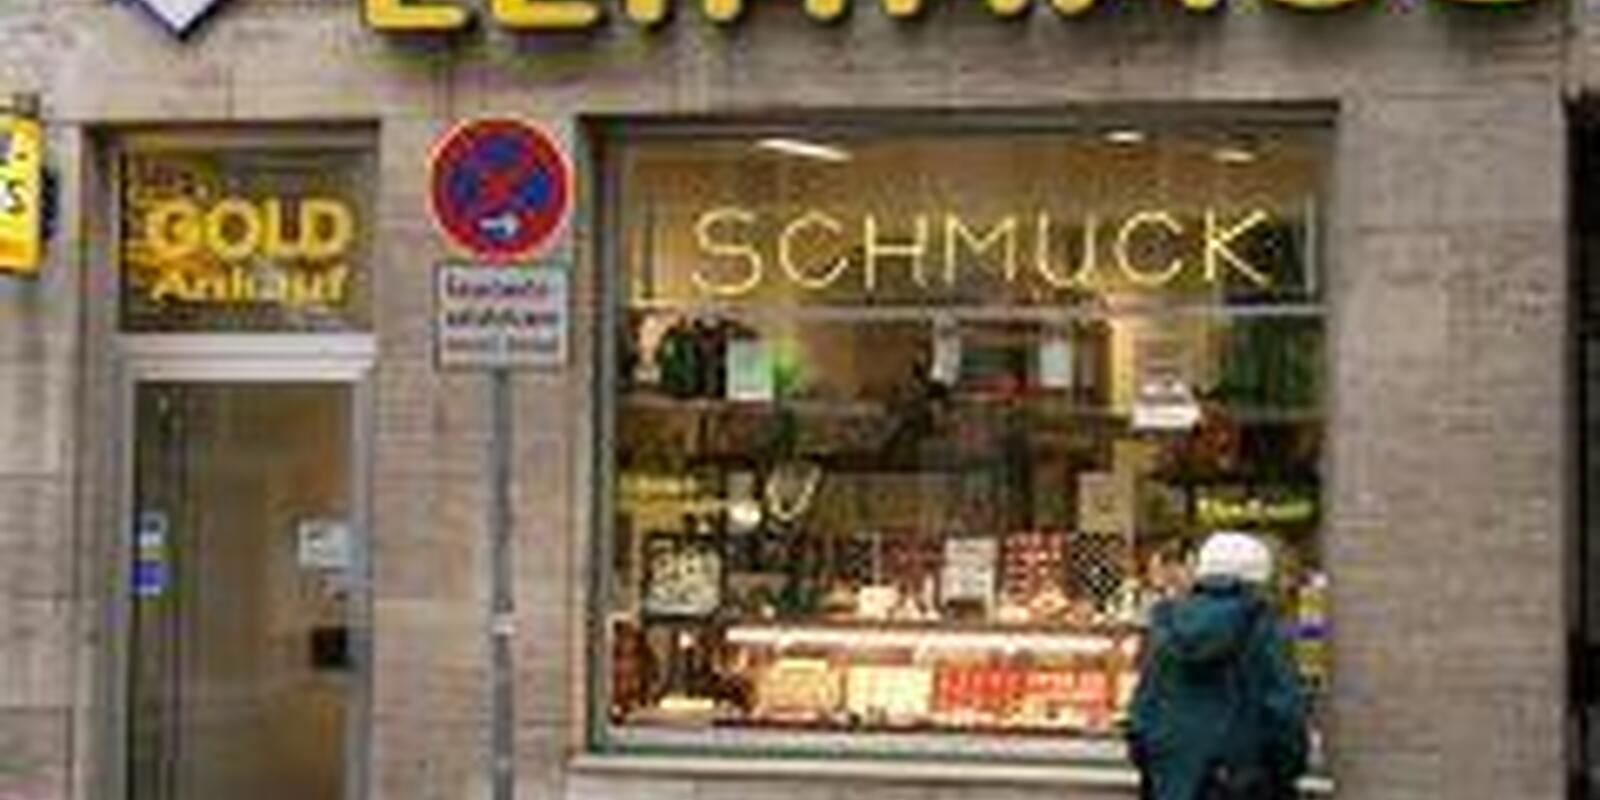 augusten leihhaus schmuck handels gmbh altheimer eck altstadt m nchen augusten leihhaus. Black Bedroom Furniture Sets. Home Design Ideas